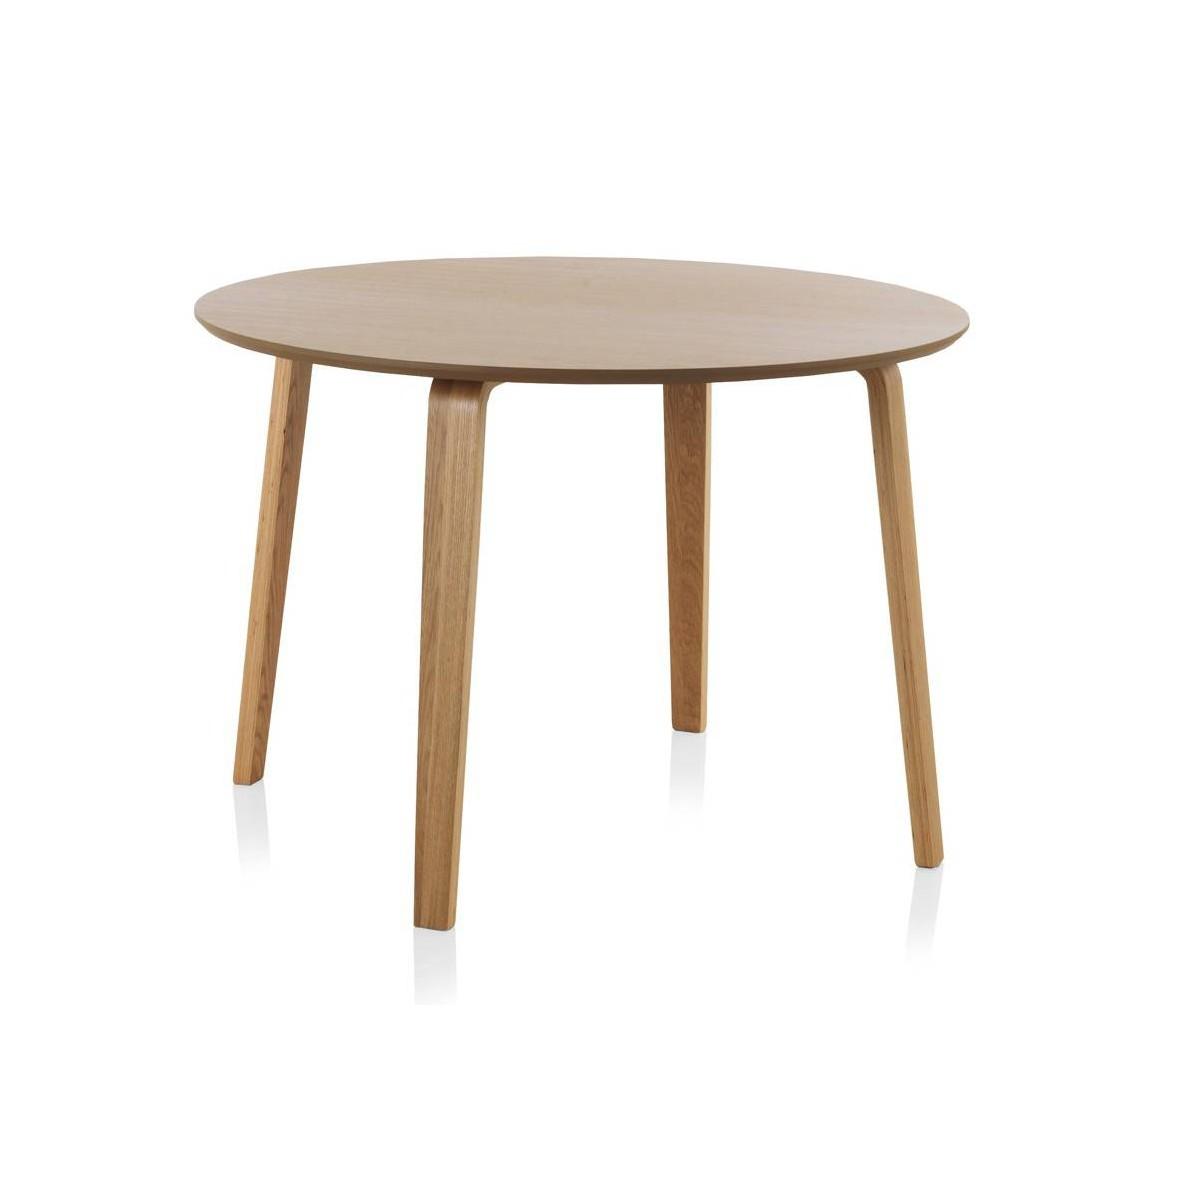 Mesa redonda comedor madera roble finland modelo 3 - Mesa comedor redonda ...